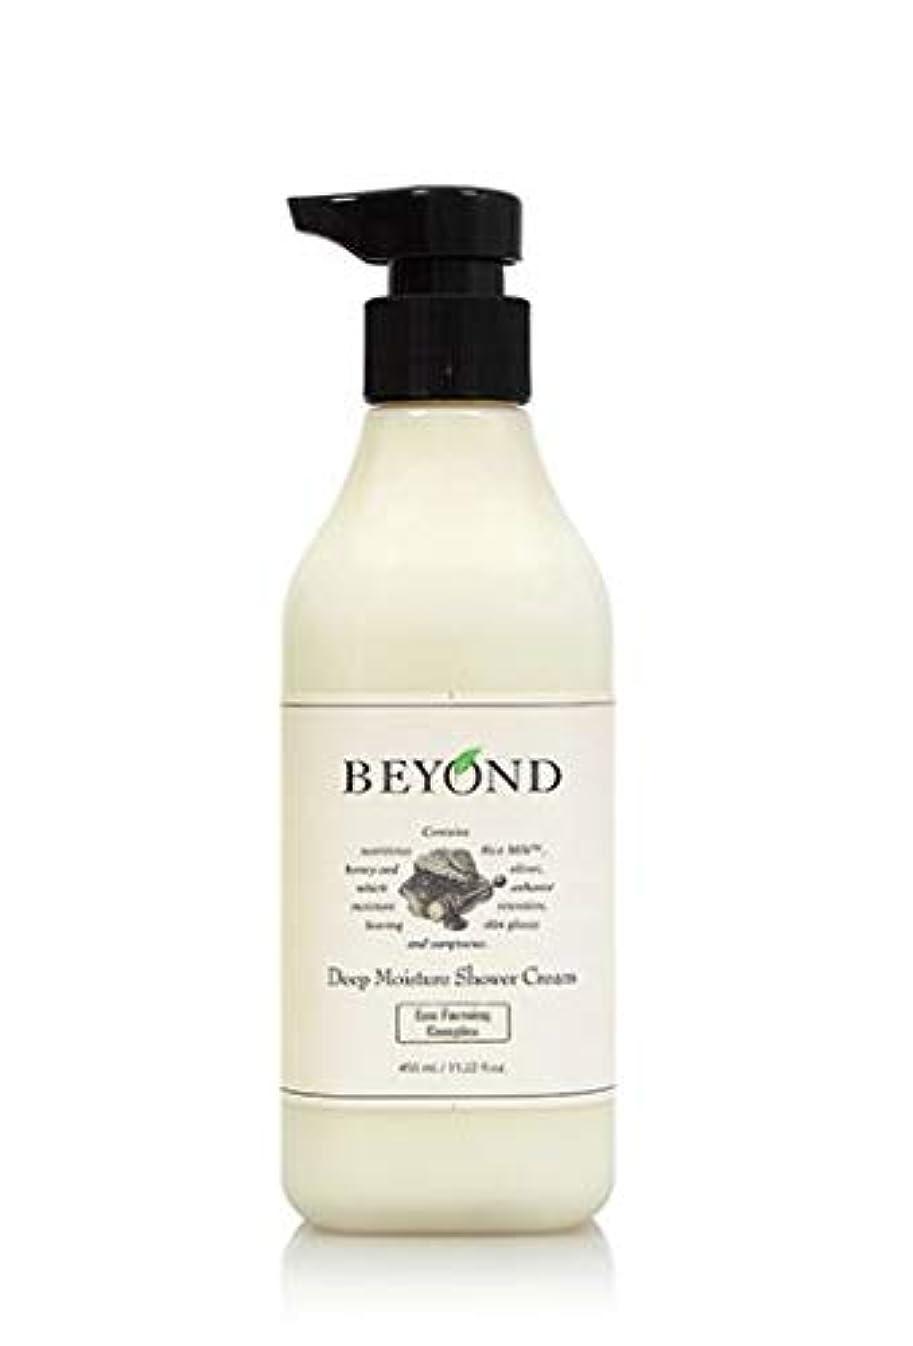 開発する劇場険しい[ビヨンド] BEYOND [ディープモイスチャー シャワークリーム 450ml] Deep Moisture Shower Cream 450ml [海外直送品]